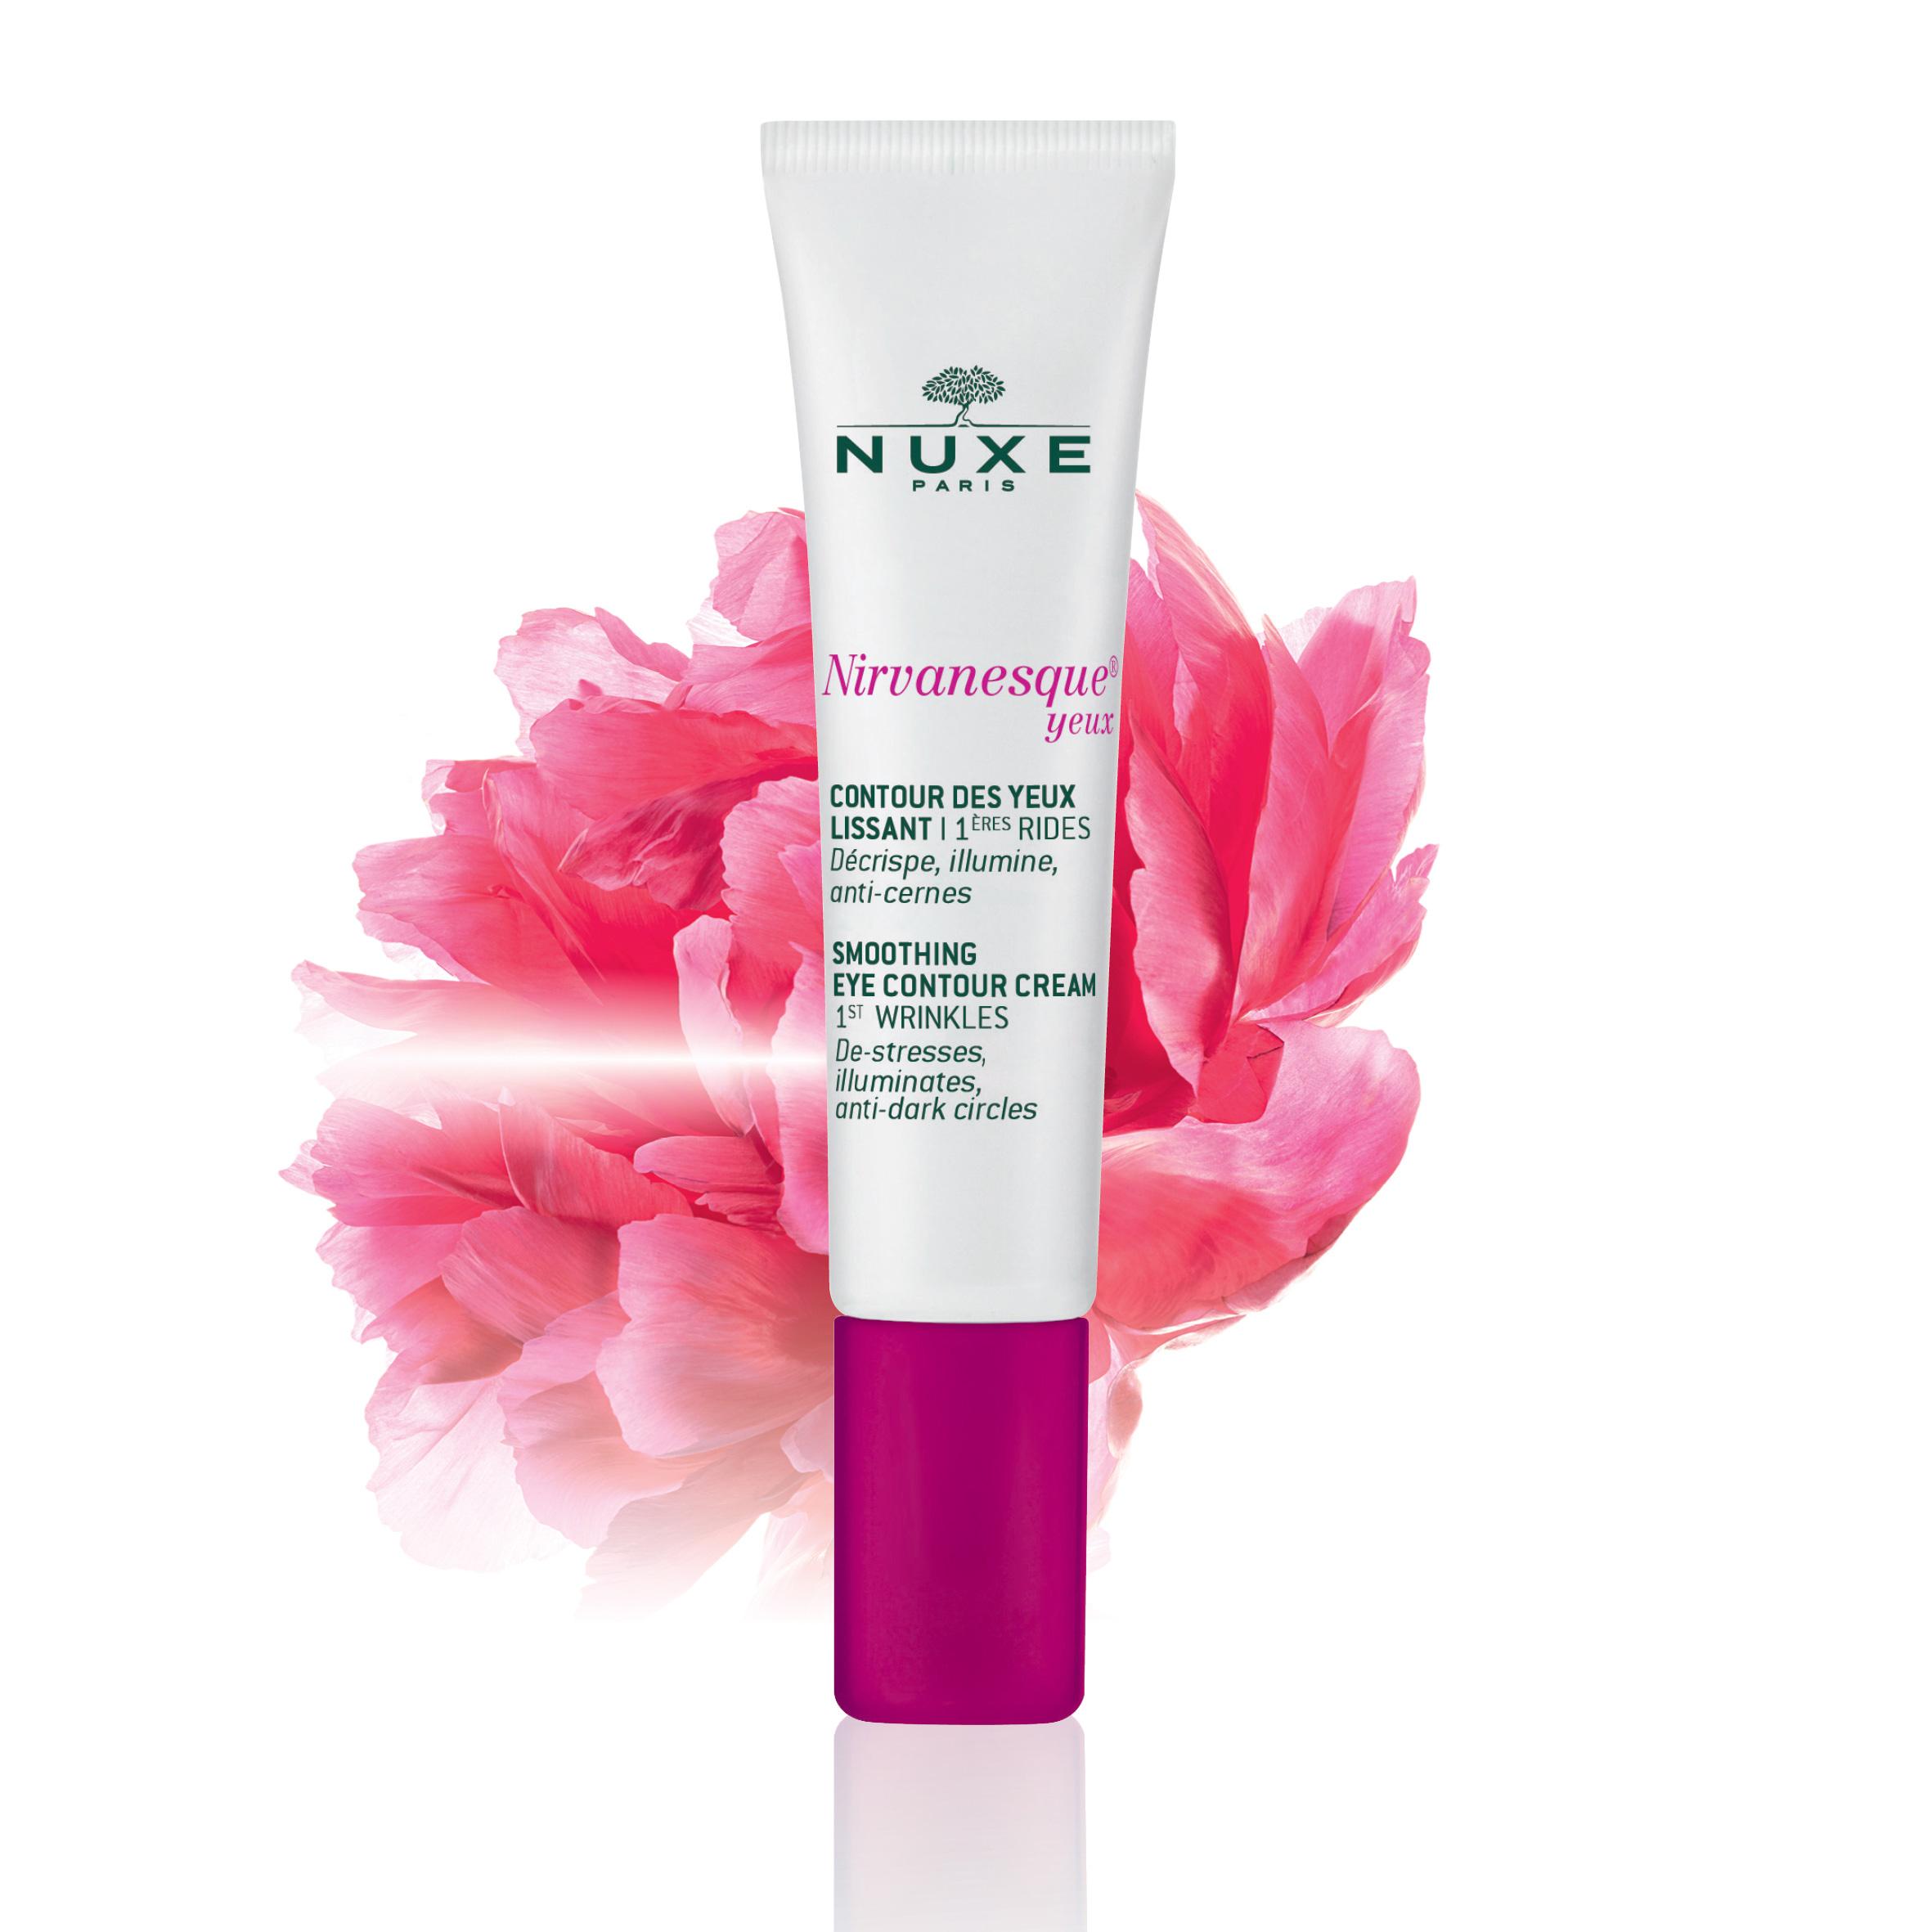 nirvanesque_smoothingeyecontourcream_flower